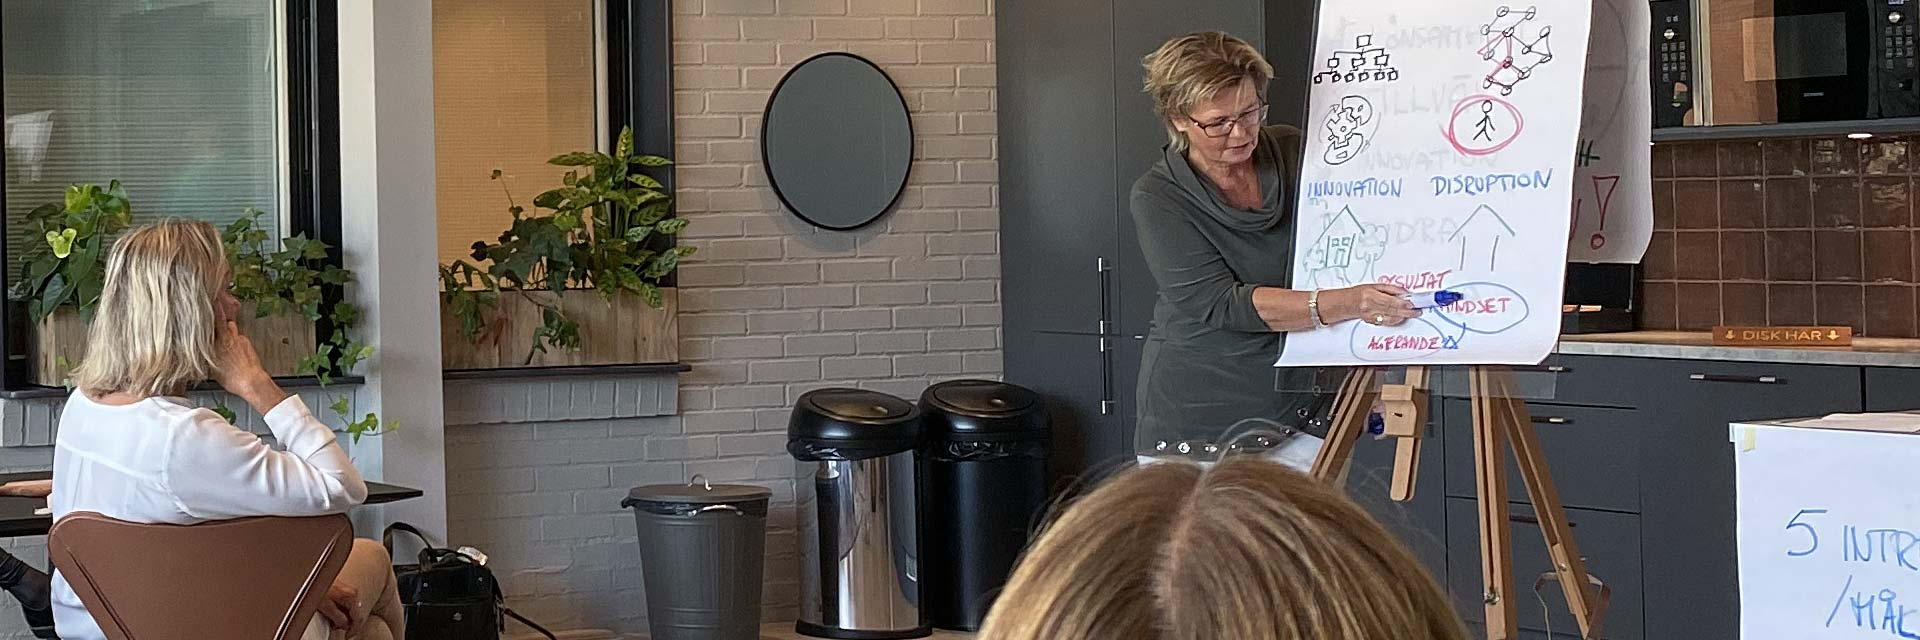 Business coach säljcoach ledarskapscoach Hanna Plymouth vid blädderblock med sittande åhörare på workshop